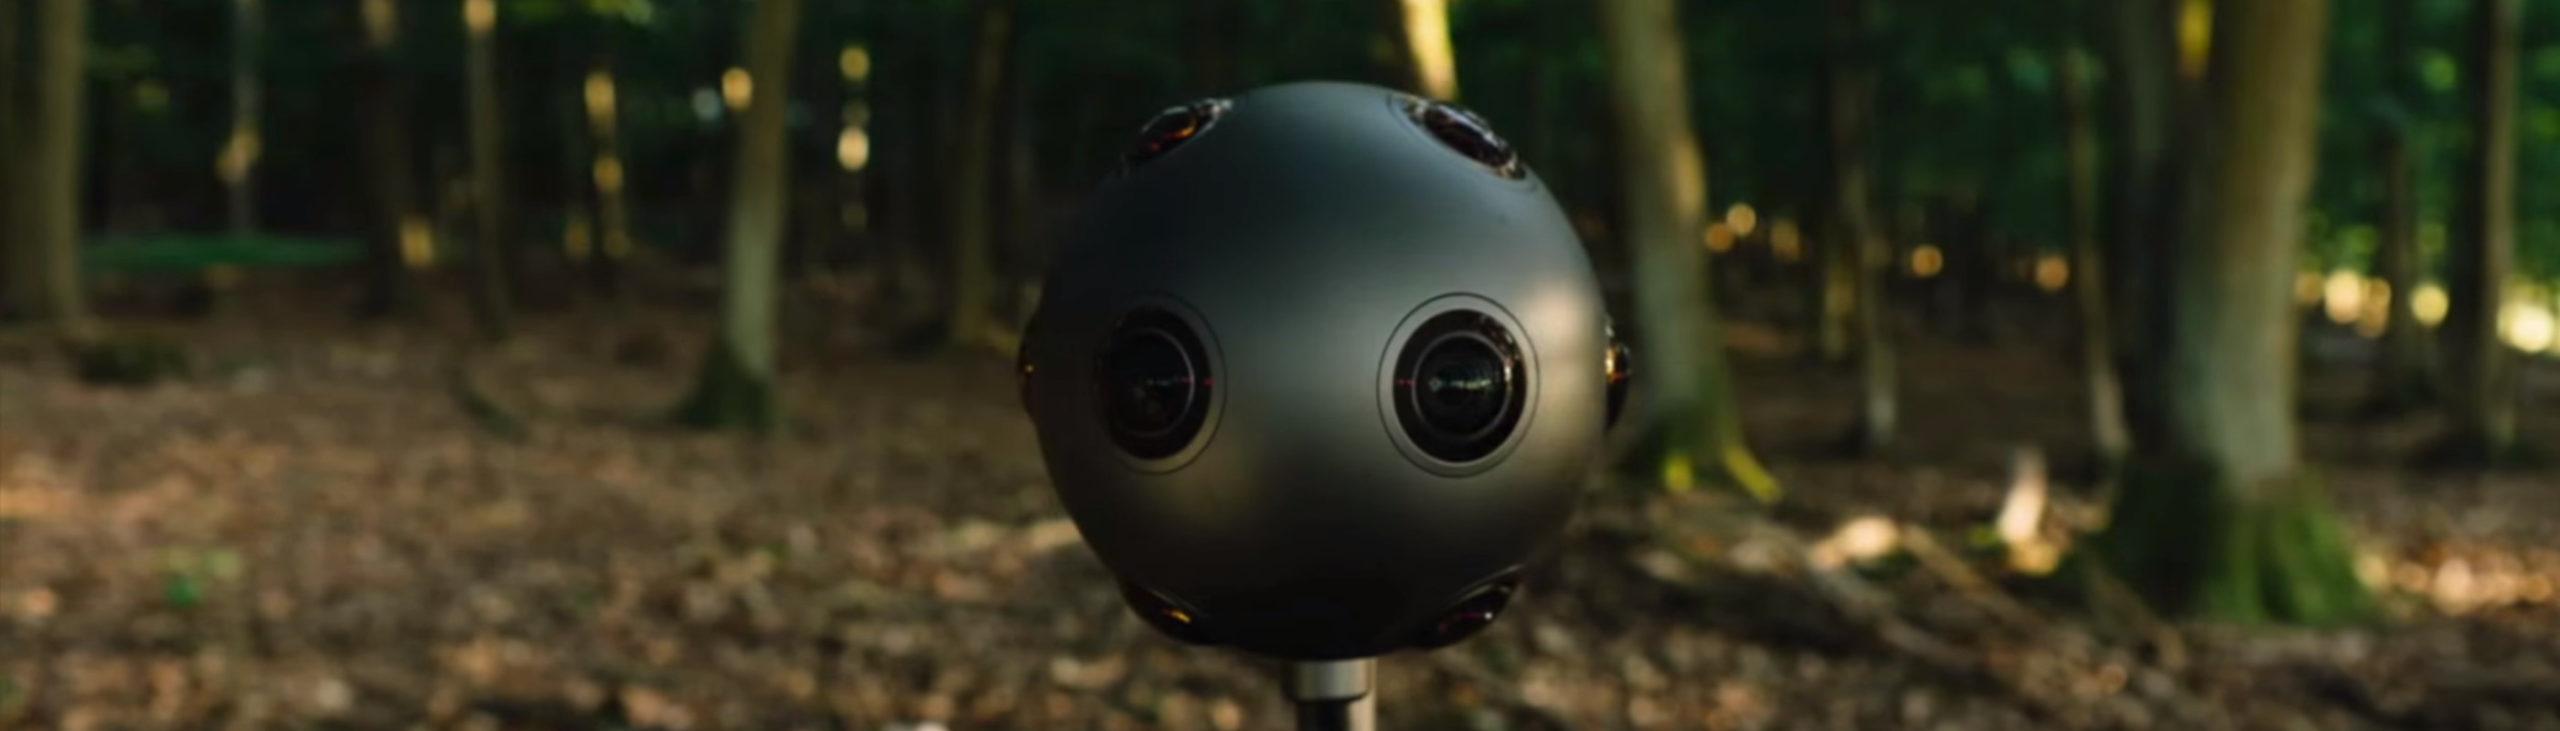 Cámaras de realidad virtual | 1